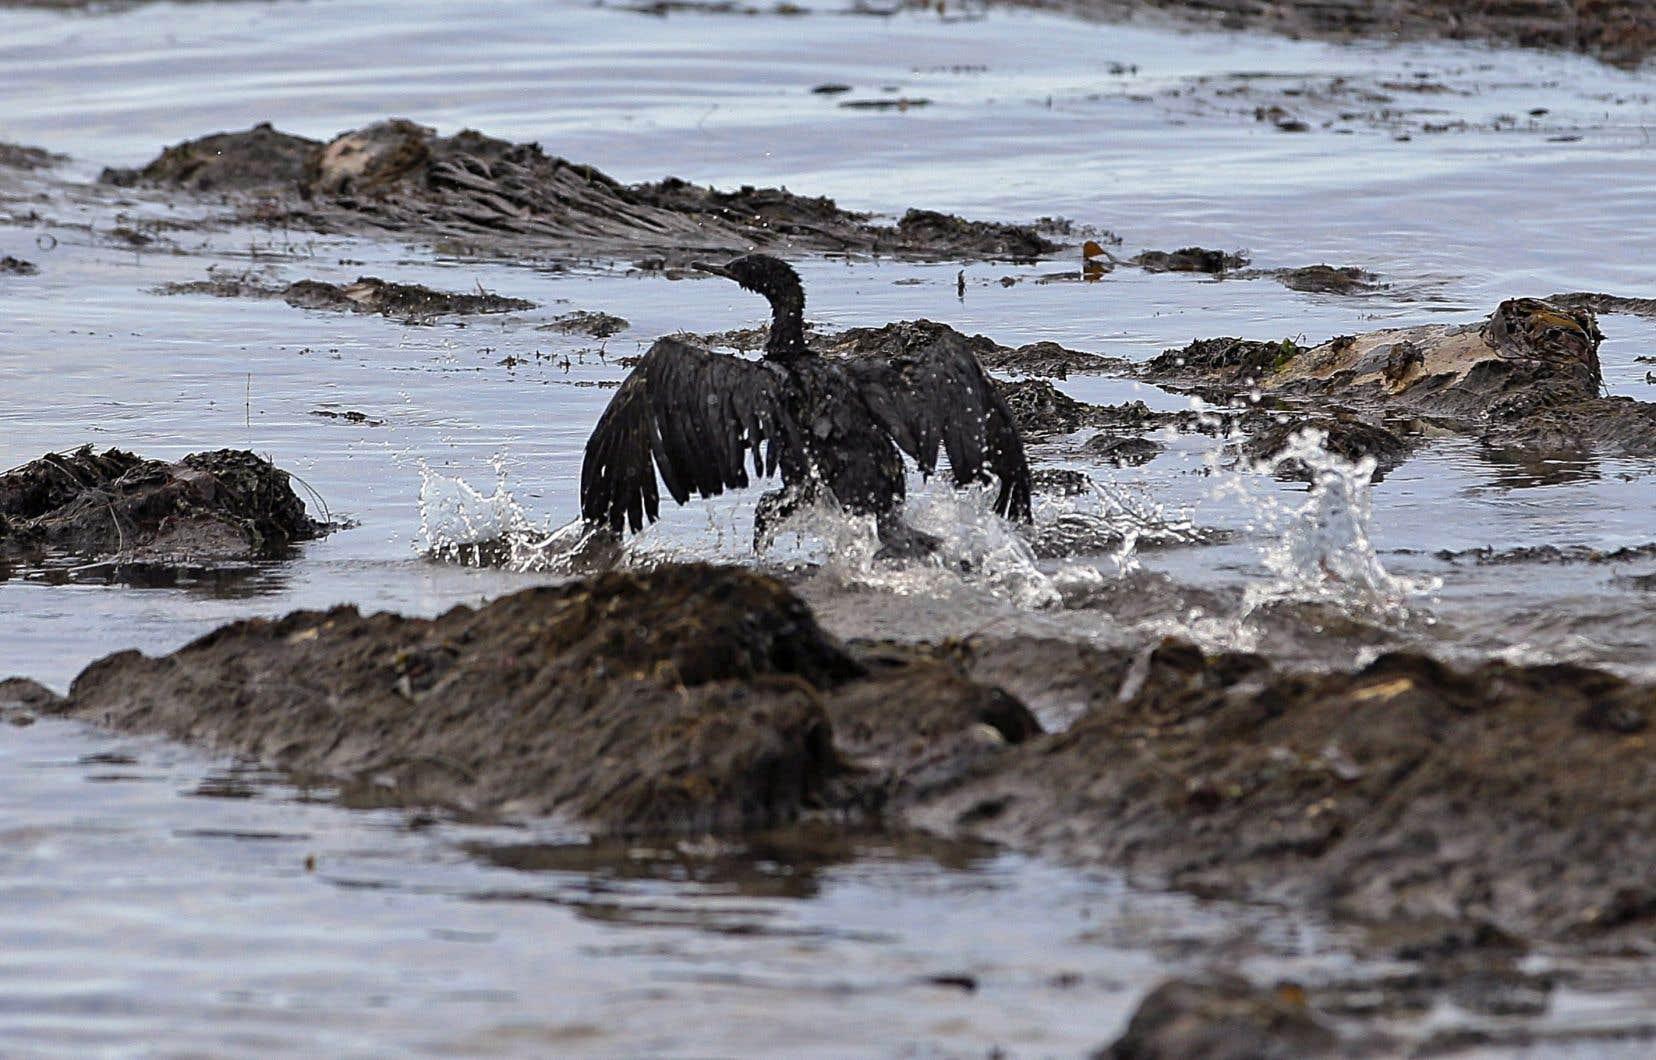 Cinq oiseaux de mer «mazoutés» ont été repérés et «un centre de désintoxication» pour animaux a été constitué.